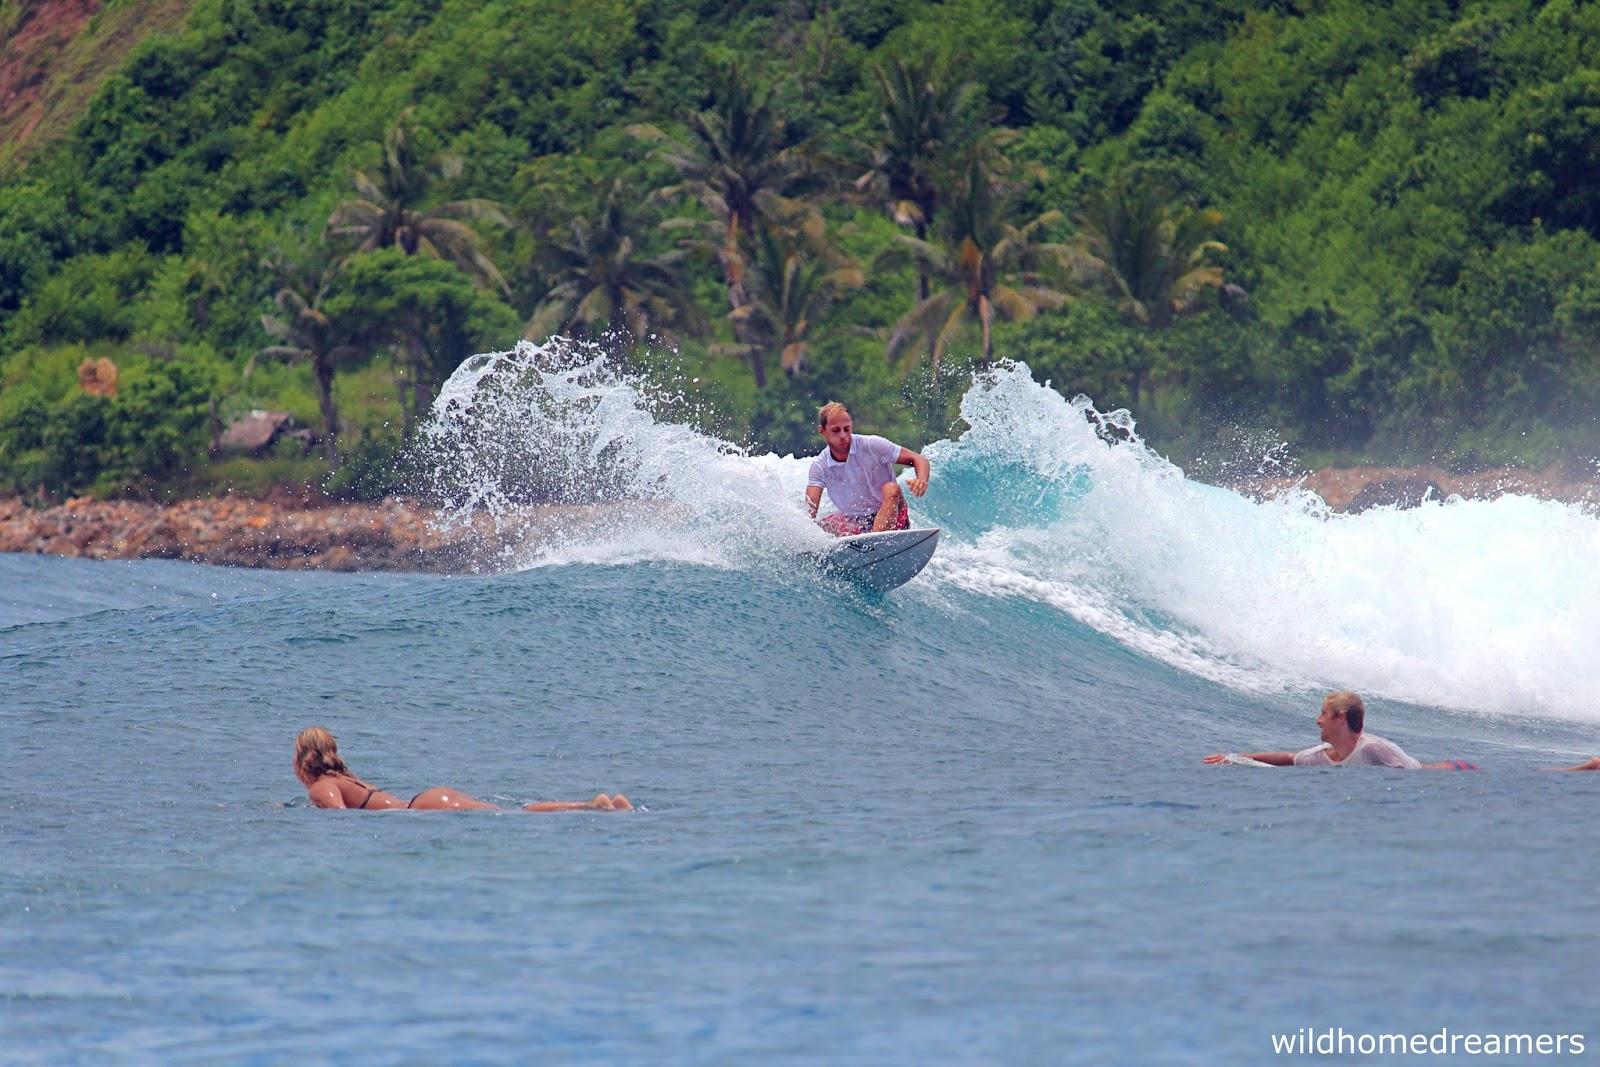 Ники на сърф